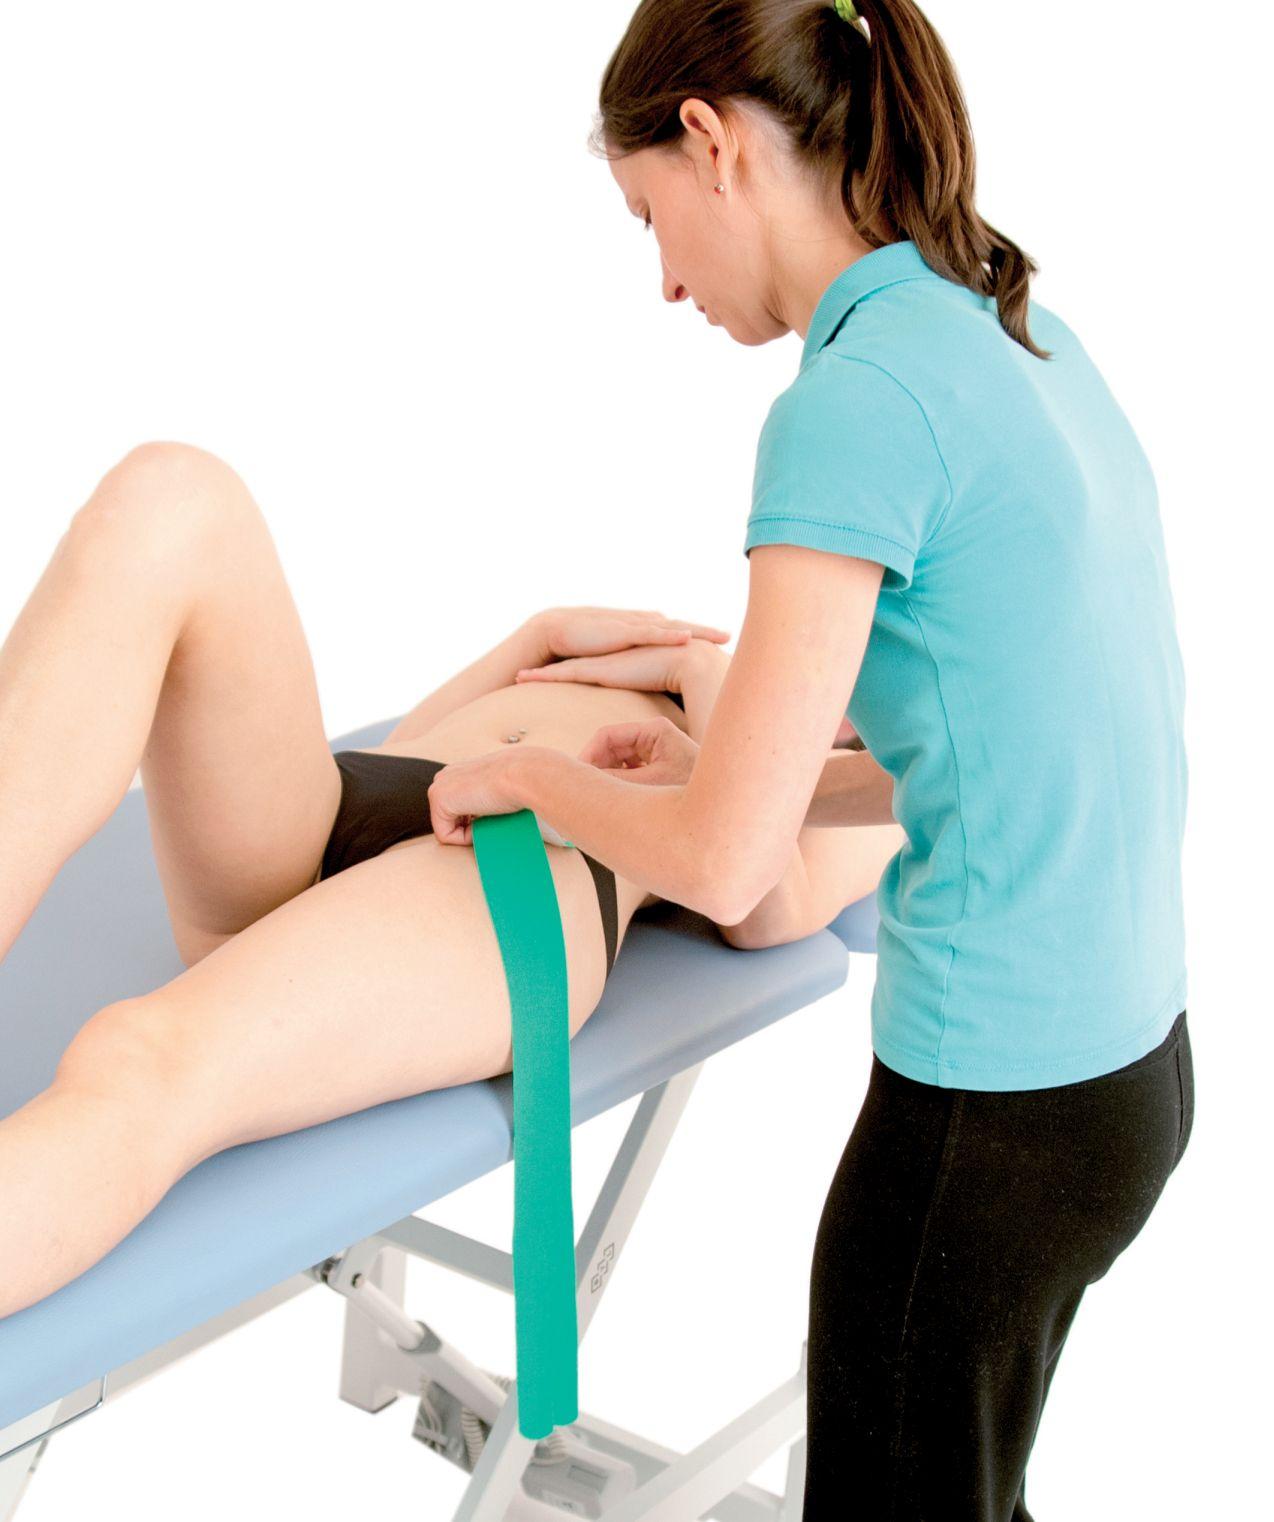 Tejpování úponů stehenního svalu 2